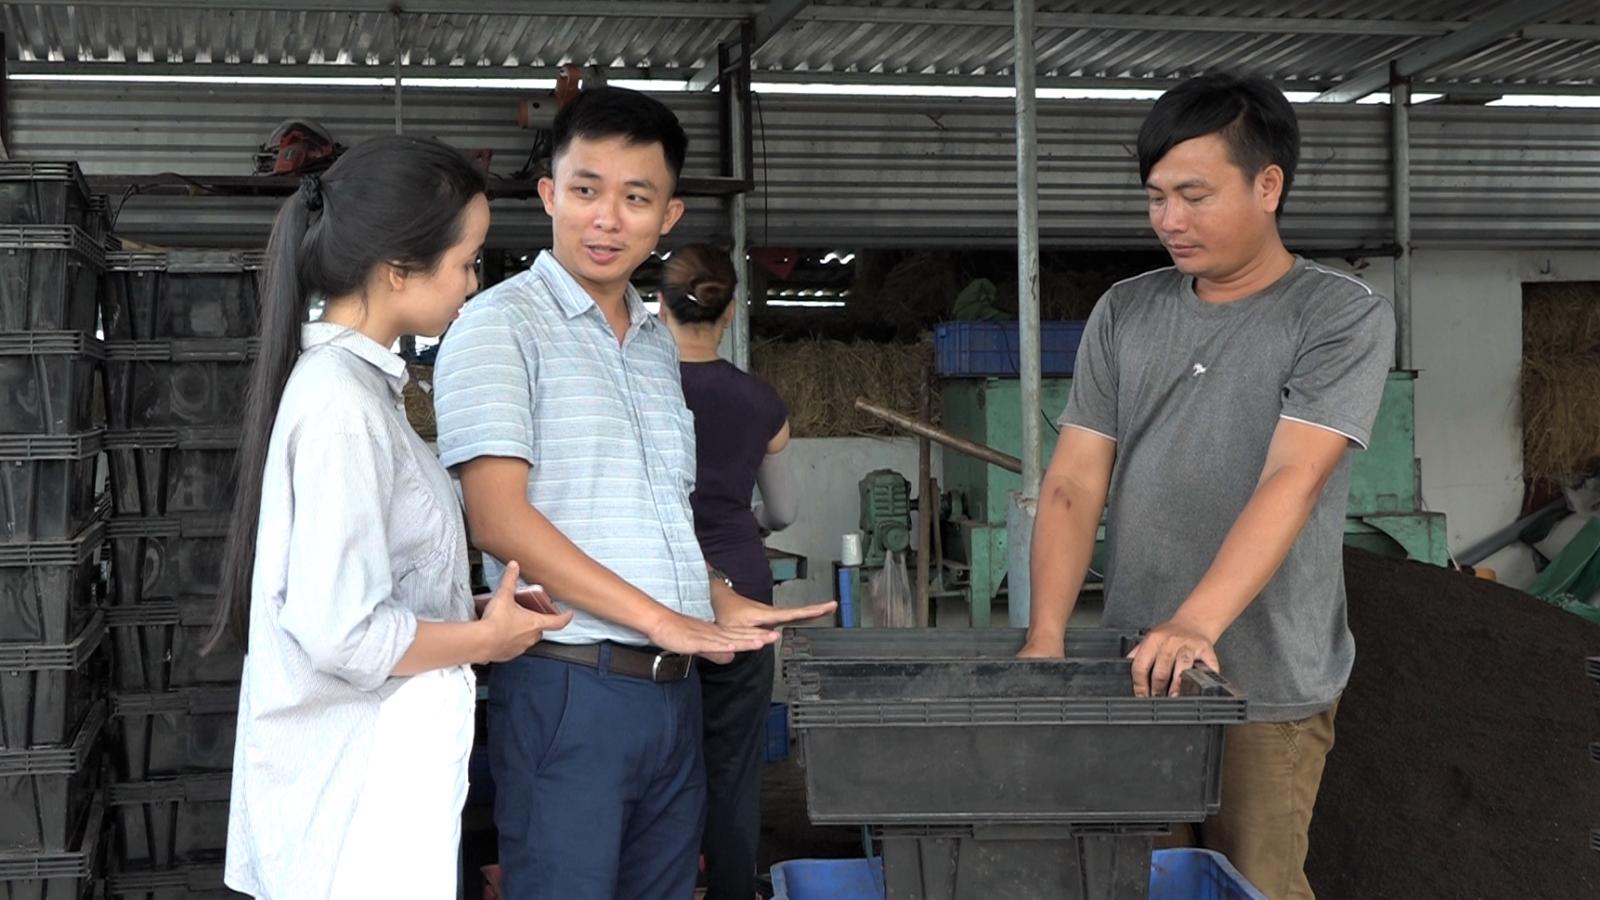 Anh Tú (đứng giữa) đến gặp gỡ anh Võ Văn Trúc, đối tác cung cấp giun quế tại huyện Thăng Bình, tỉnh Quảng Nam